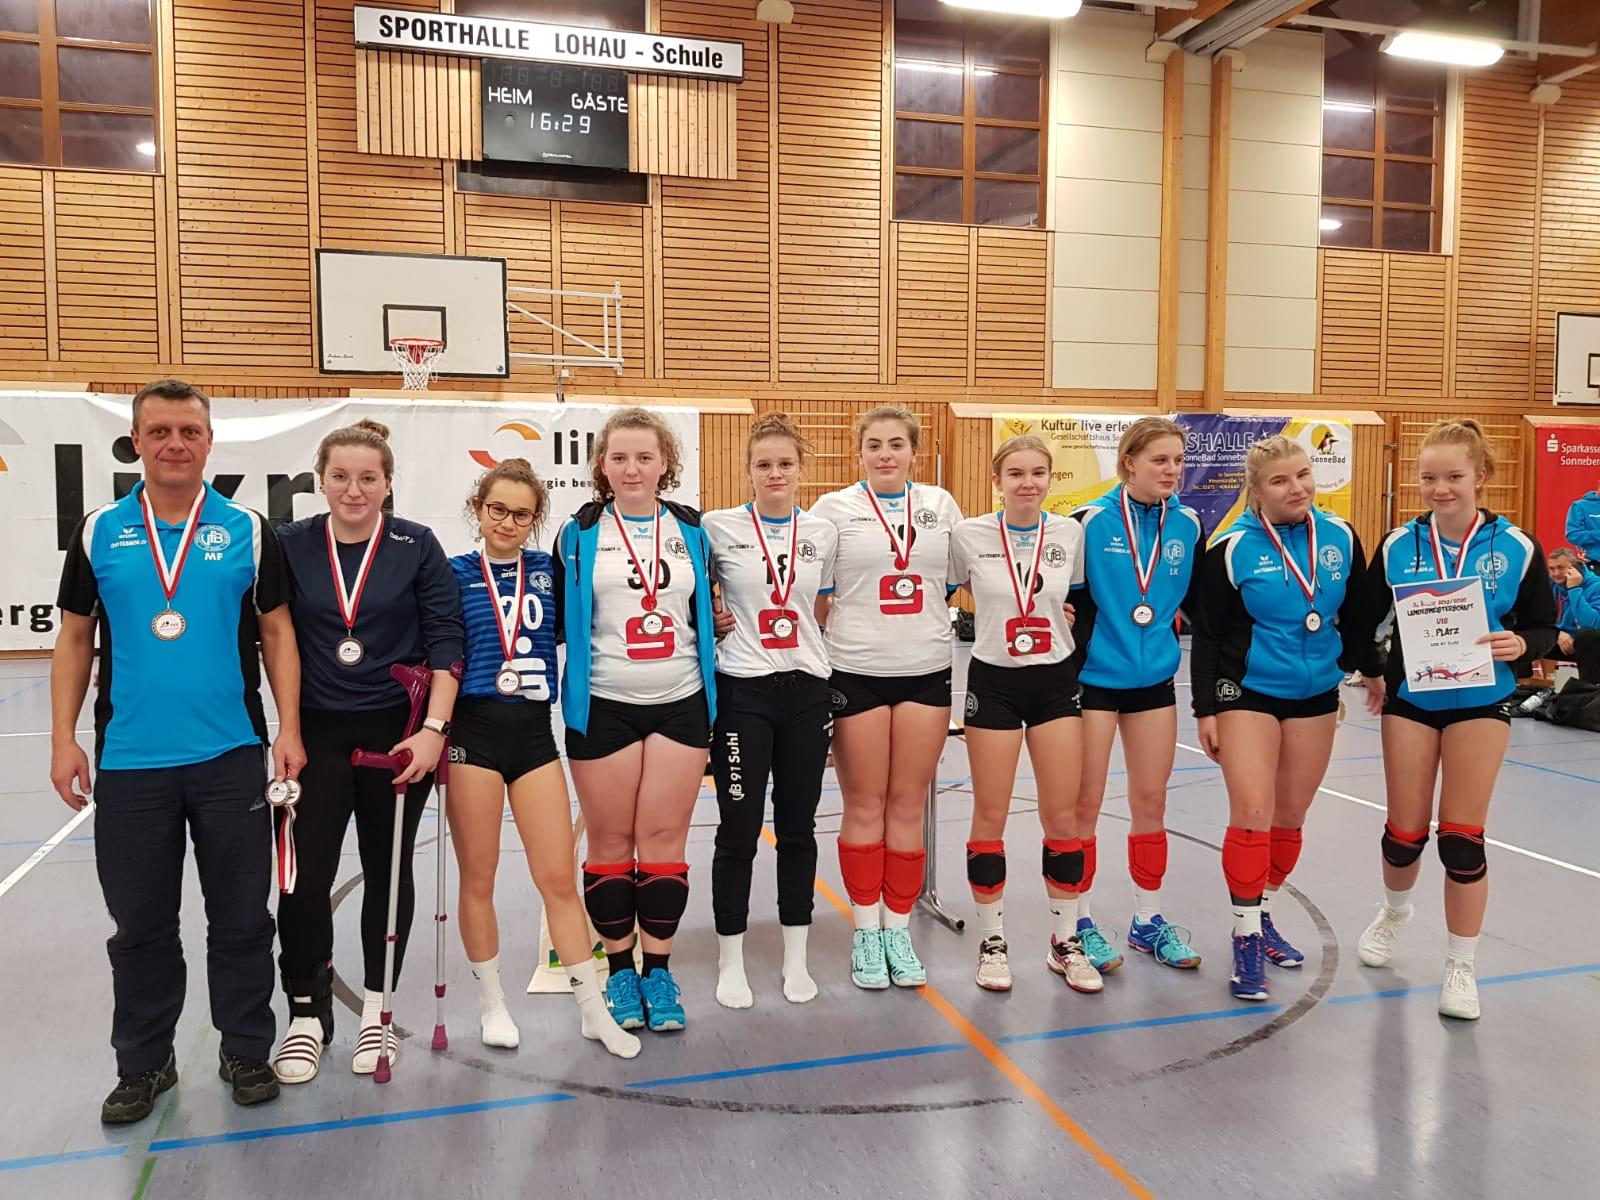 Thüringer Landesmeisterschaft U18 2019: 3. Platz für VfB 91 Suhl U18 2 . Sporthalle Lohau-Schule Sonneberg 15.12.2019